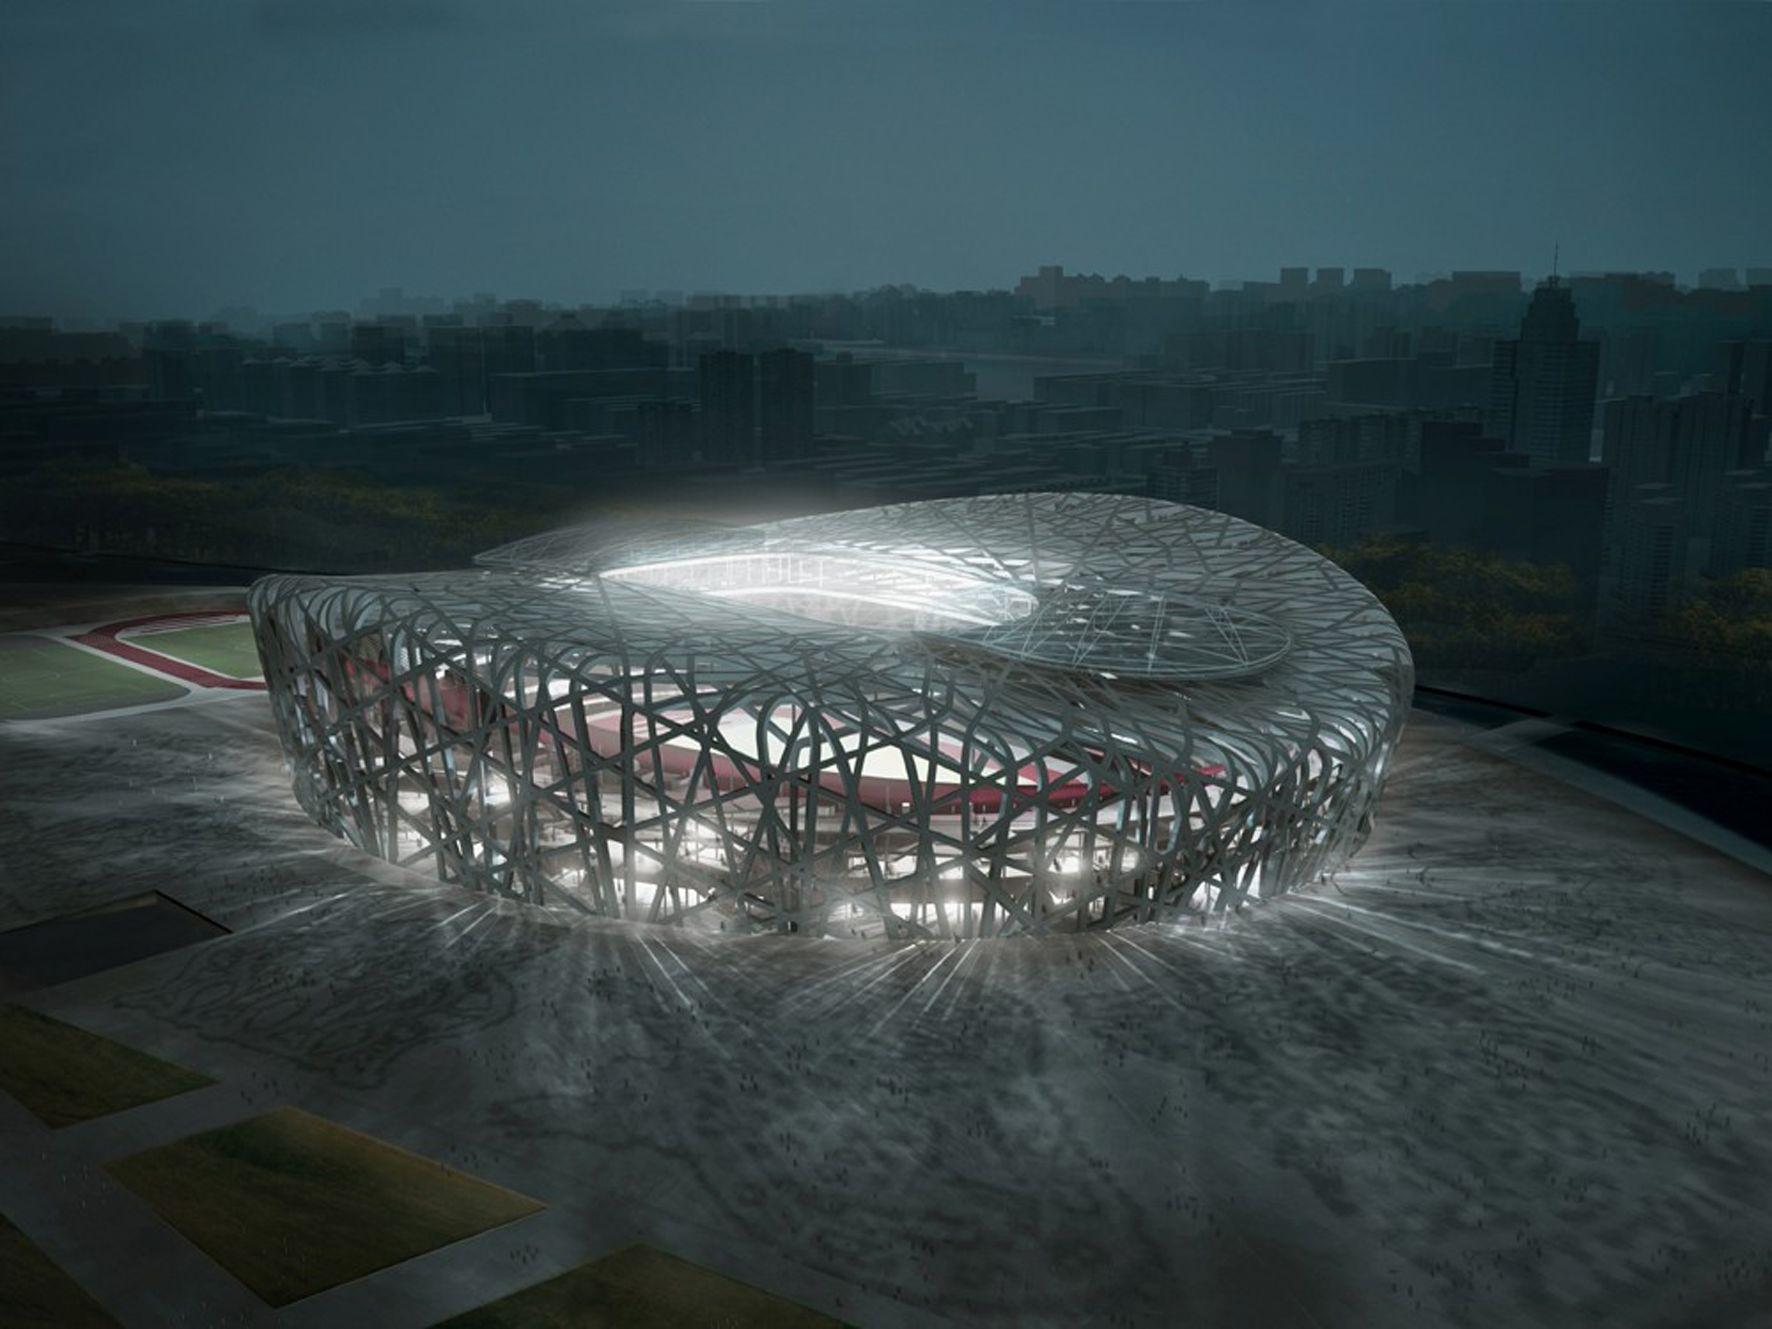 Estadio olímpico de Pekín - Ficha, Fotos y Planos - WikiArquitectura